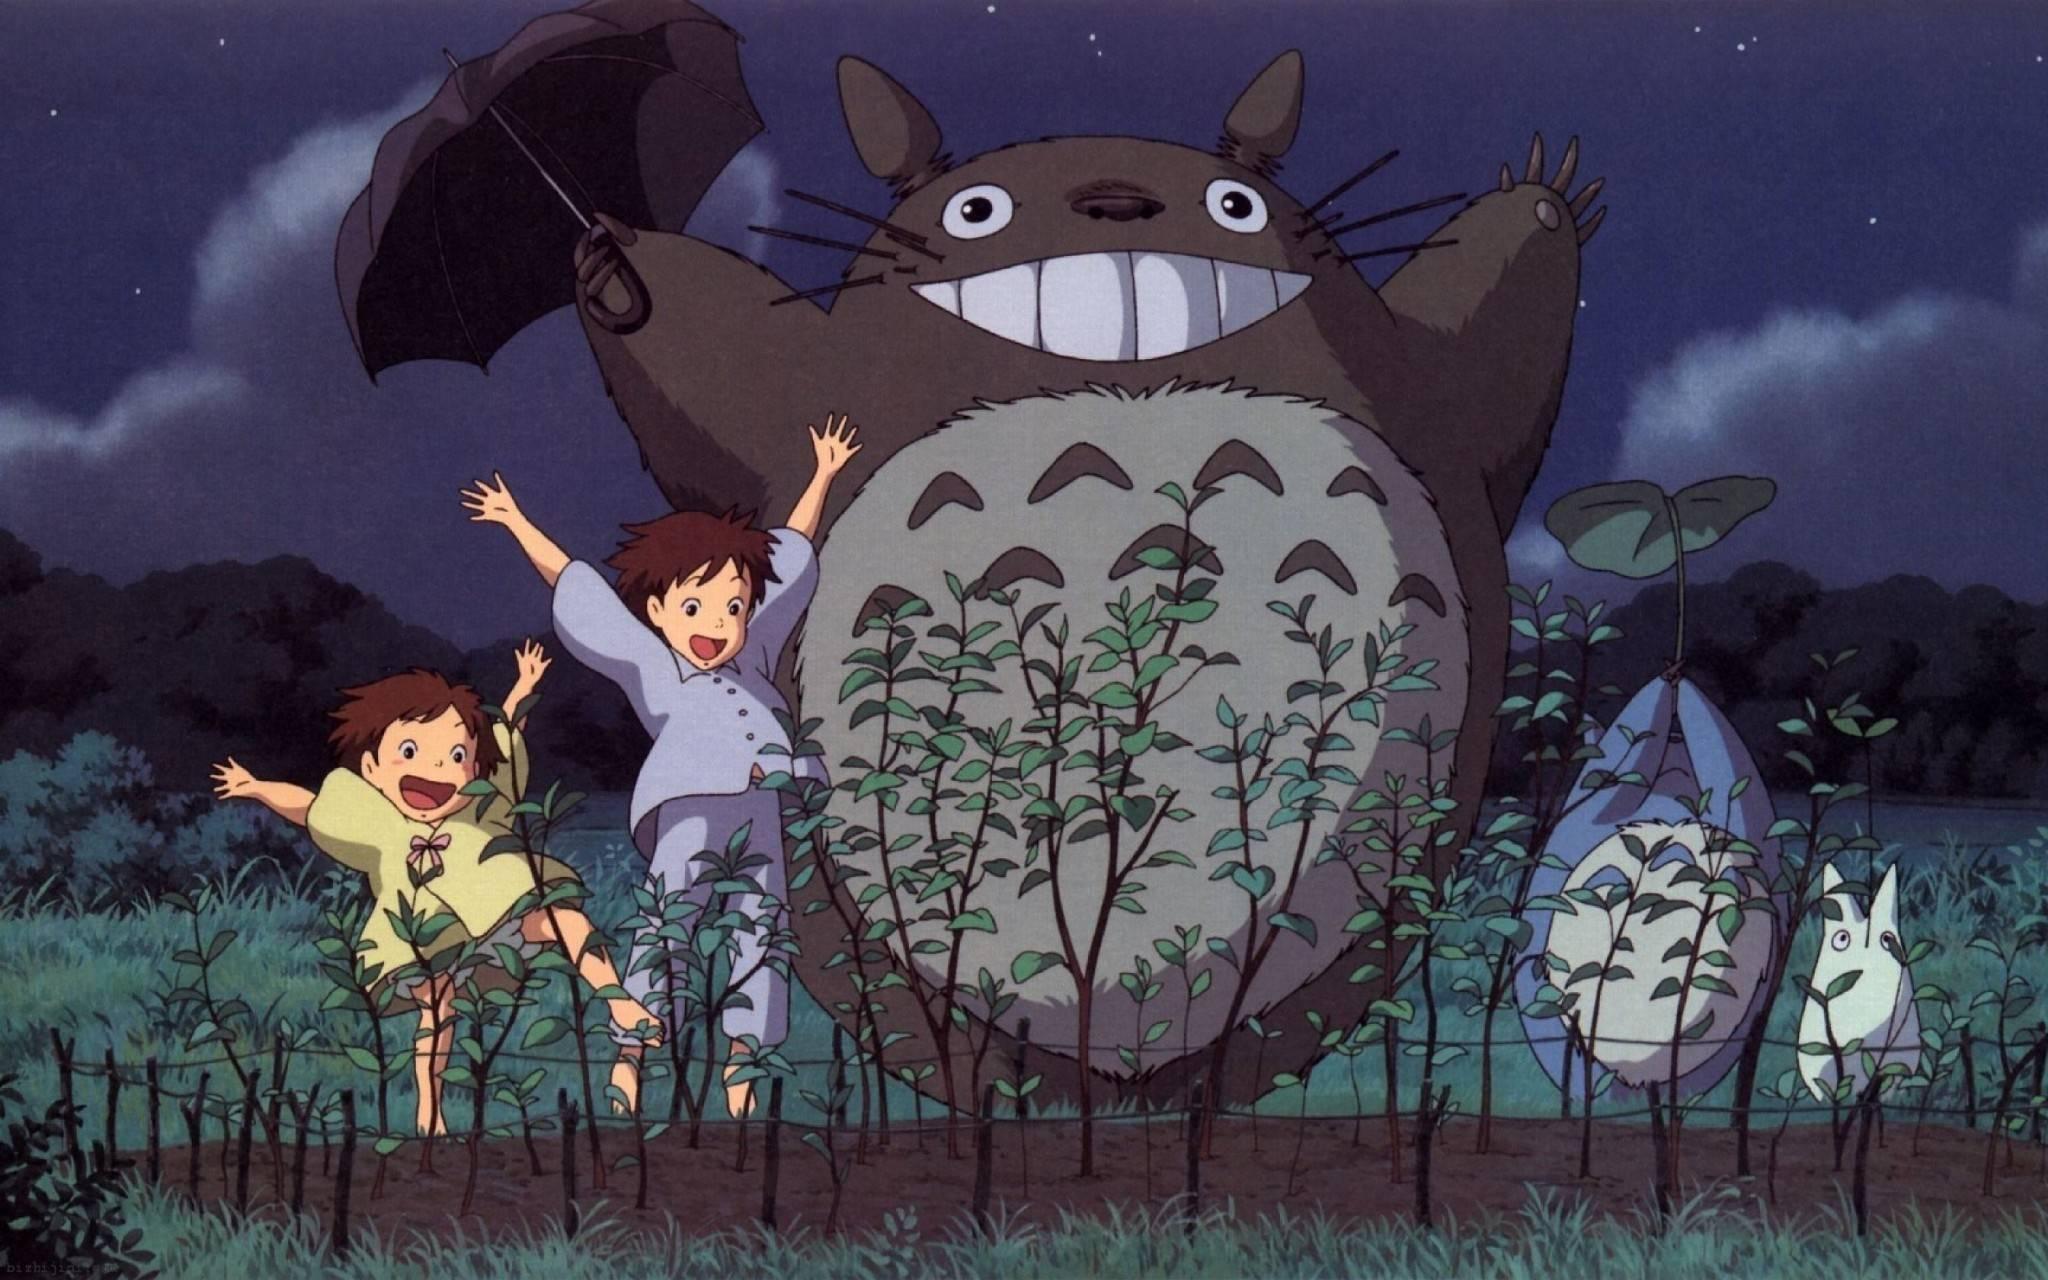 宫崎骏电影中的龙猫   《龙猫》图片